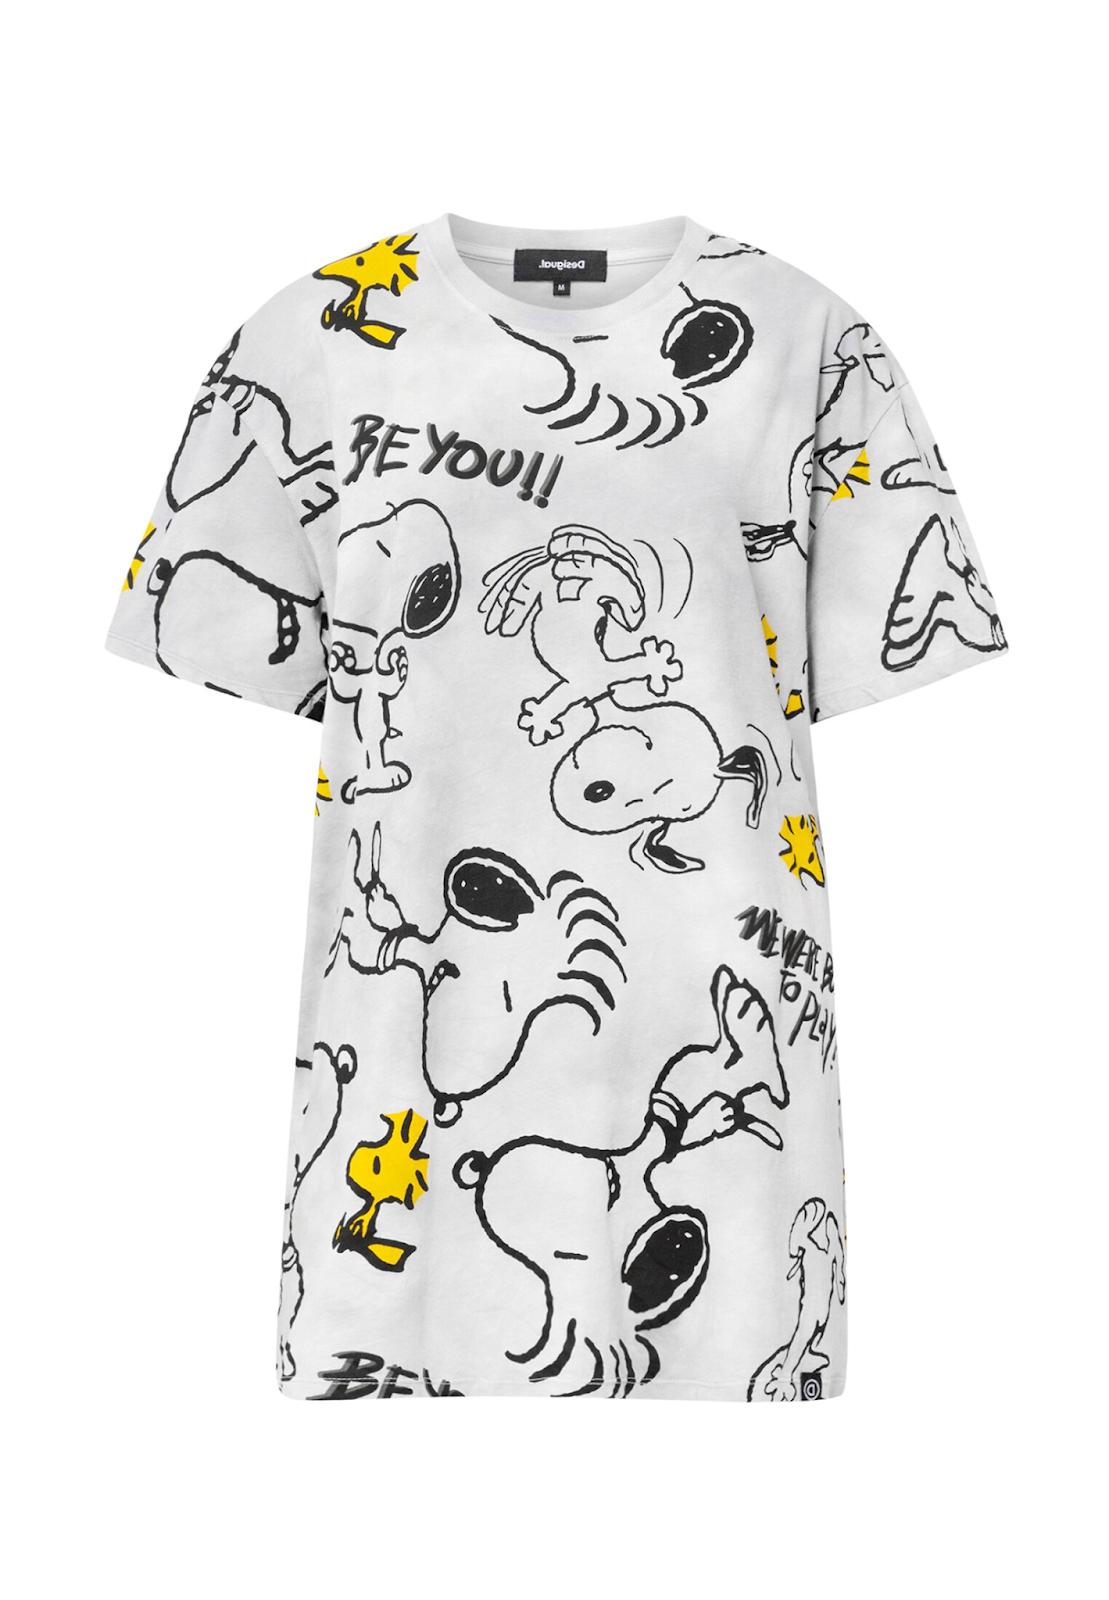 Snoopy Bilder Für Whatsapp